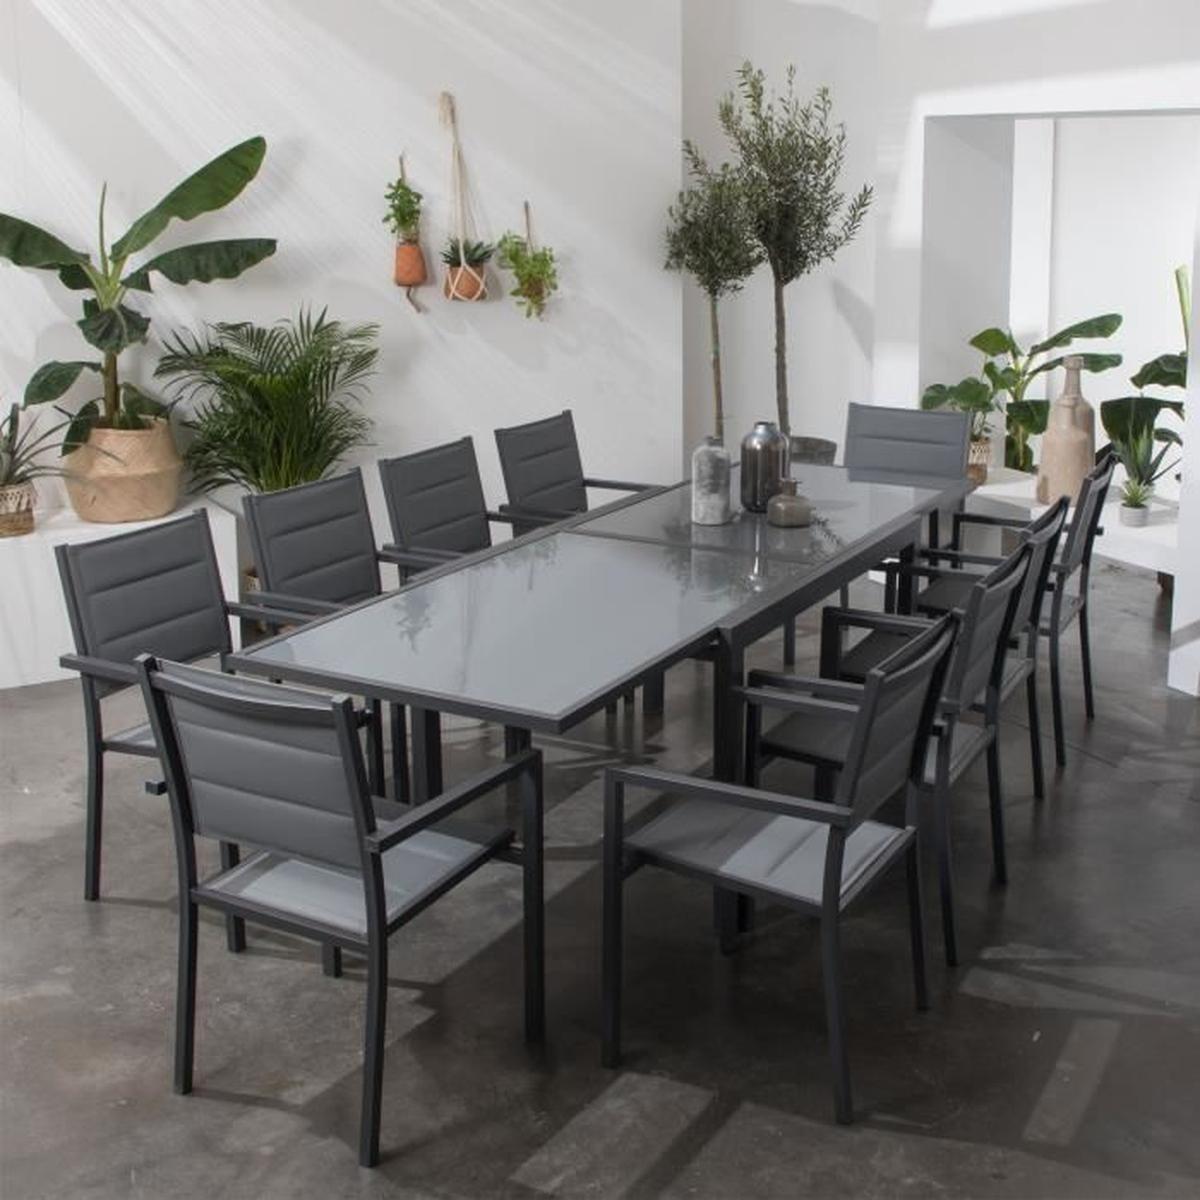 Salon De Jardin Lampedusa Extensible En Textilène Gris 10 ... destiné Salon De Jardin C Discount